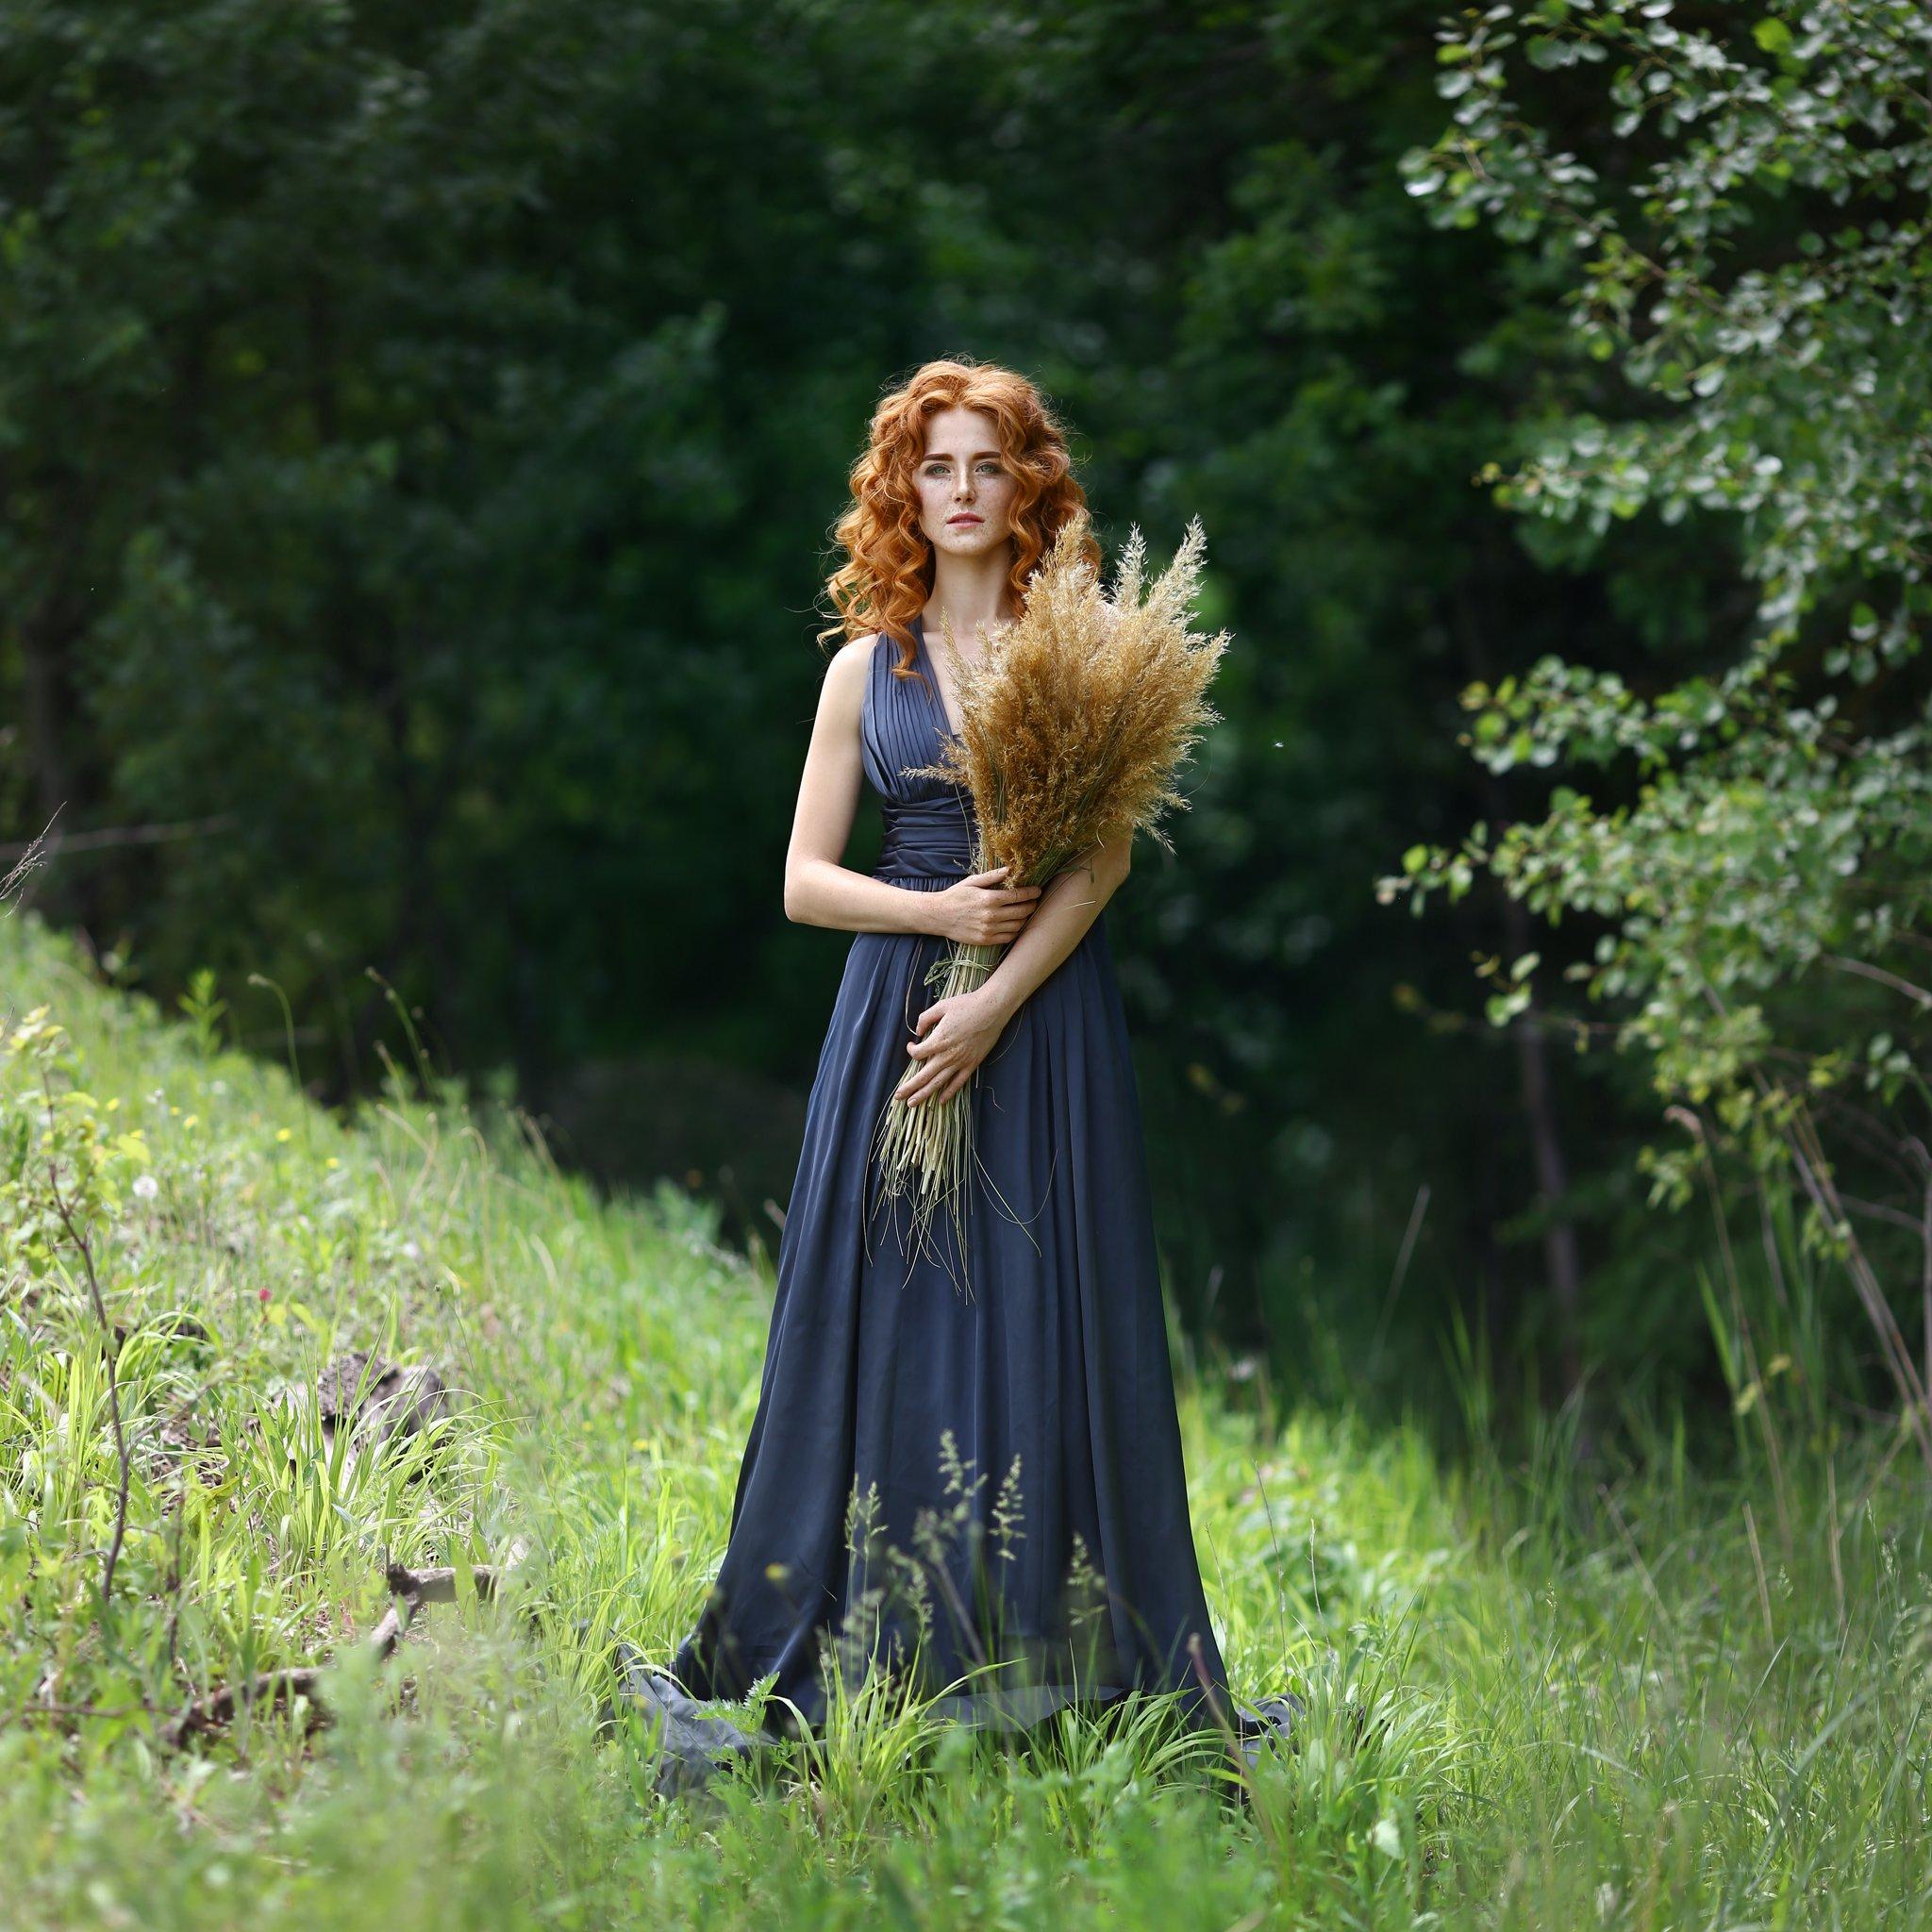 рыжая, рыжая девушка, веснушки, лето, зелень, лес, Голубятникова Ирина